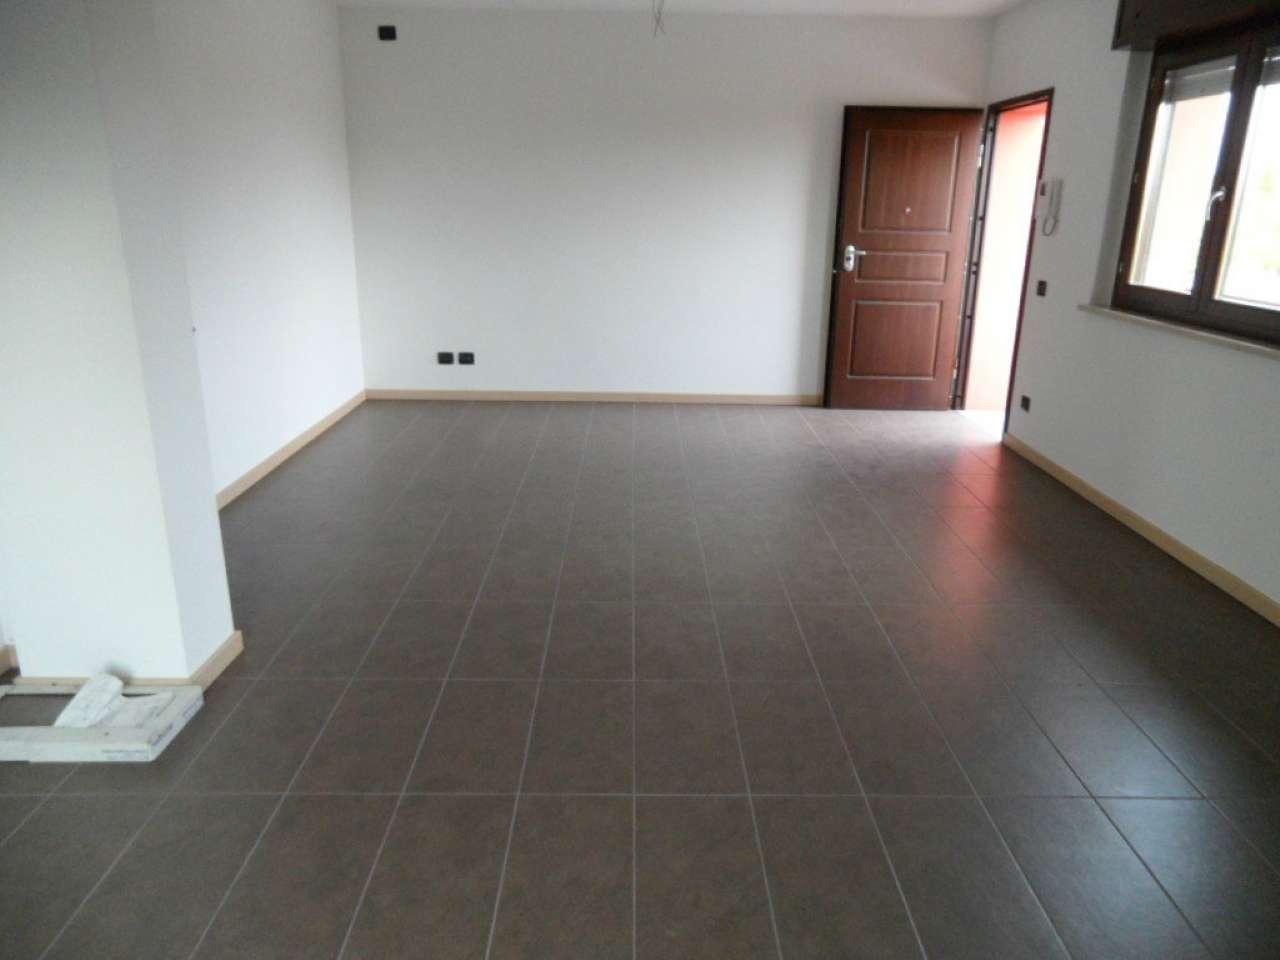 Appartamento in vendita a Cavernago, 2 locali, prezzo € 89.000 | Cambio Casa.it